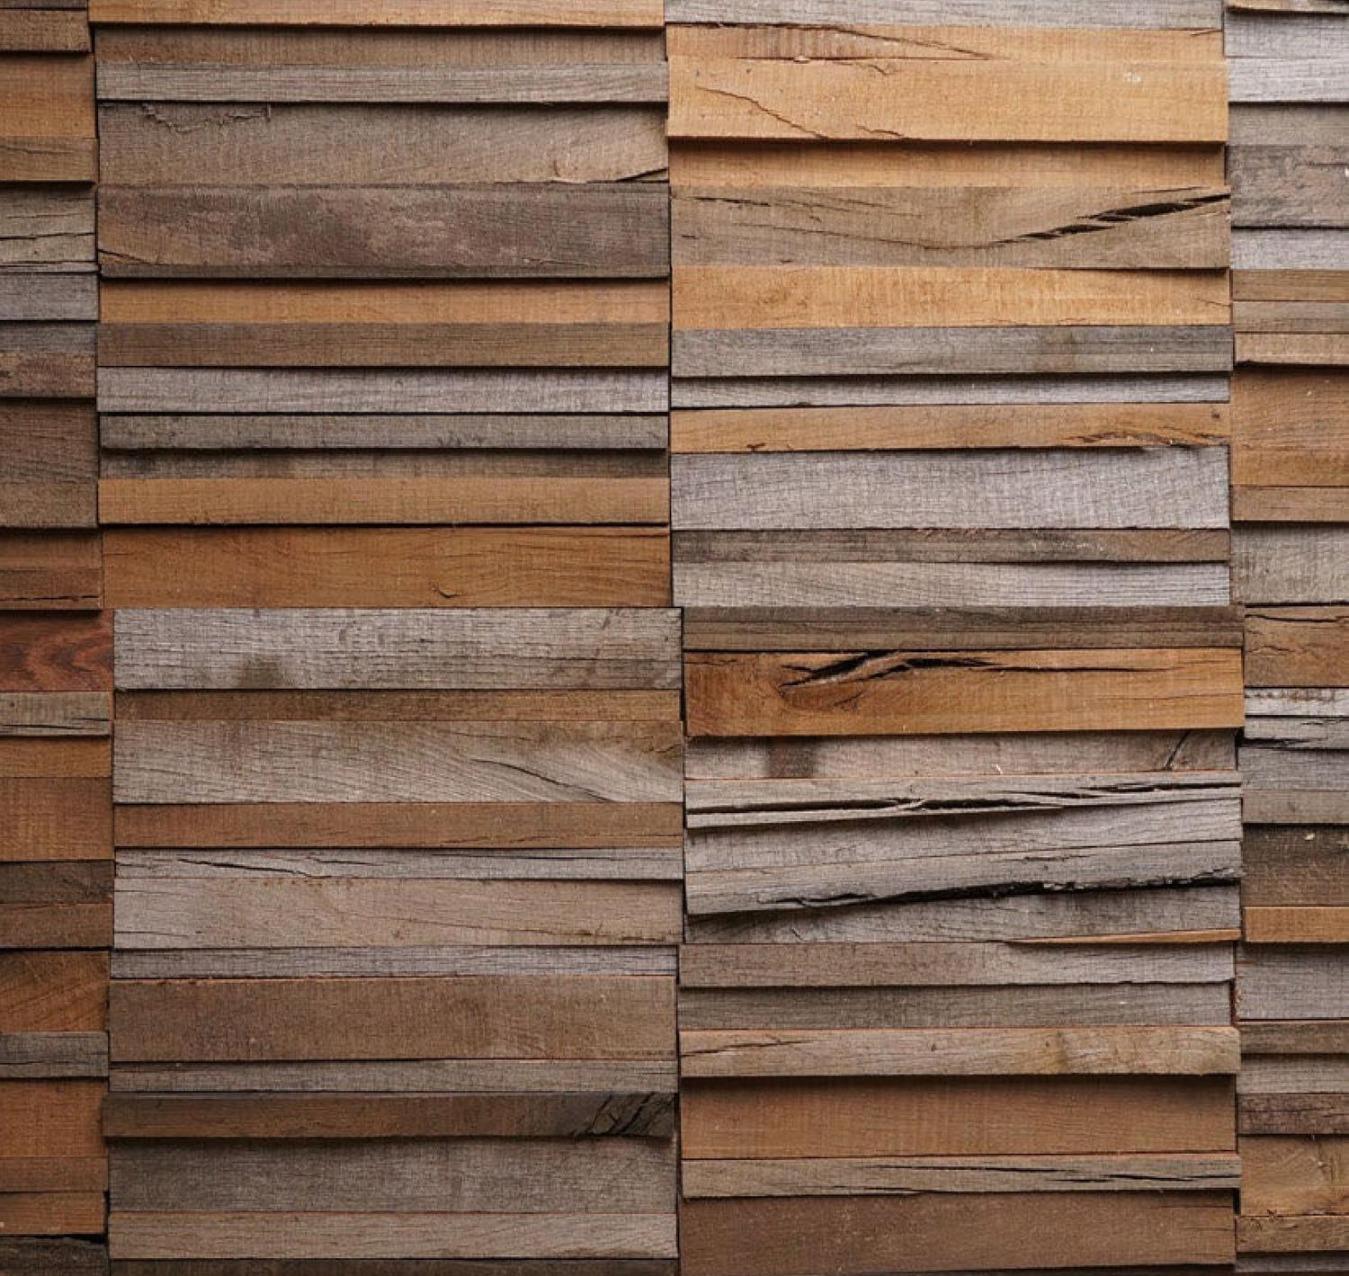 3d wood wall panels. - Pannelli per pareti 3d in legno. - 3d Wood Wall Panels. - Pannelli Per Pareti 3d In Legno. 3D Wall